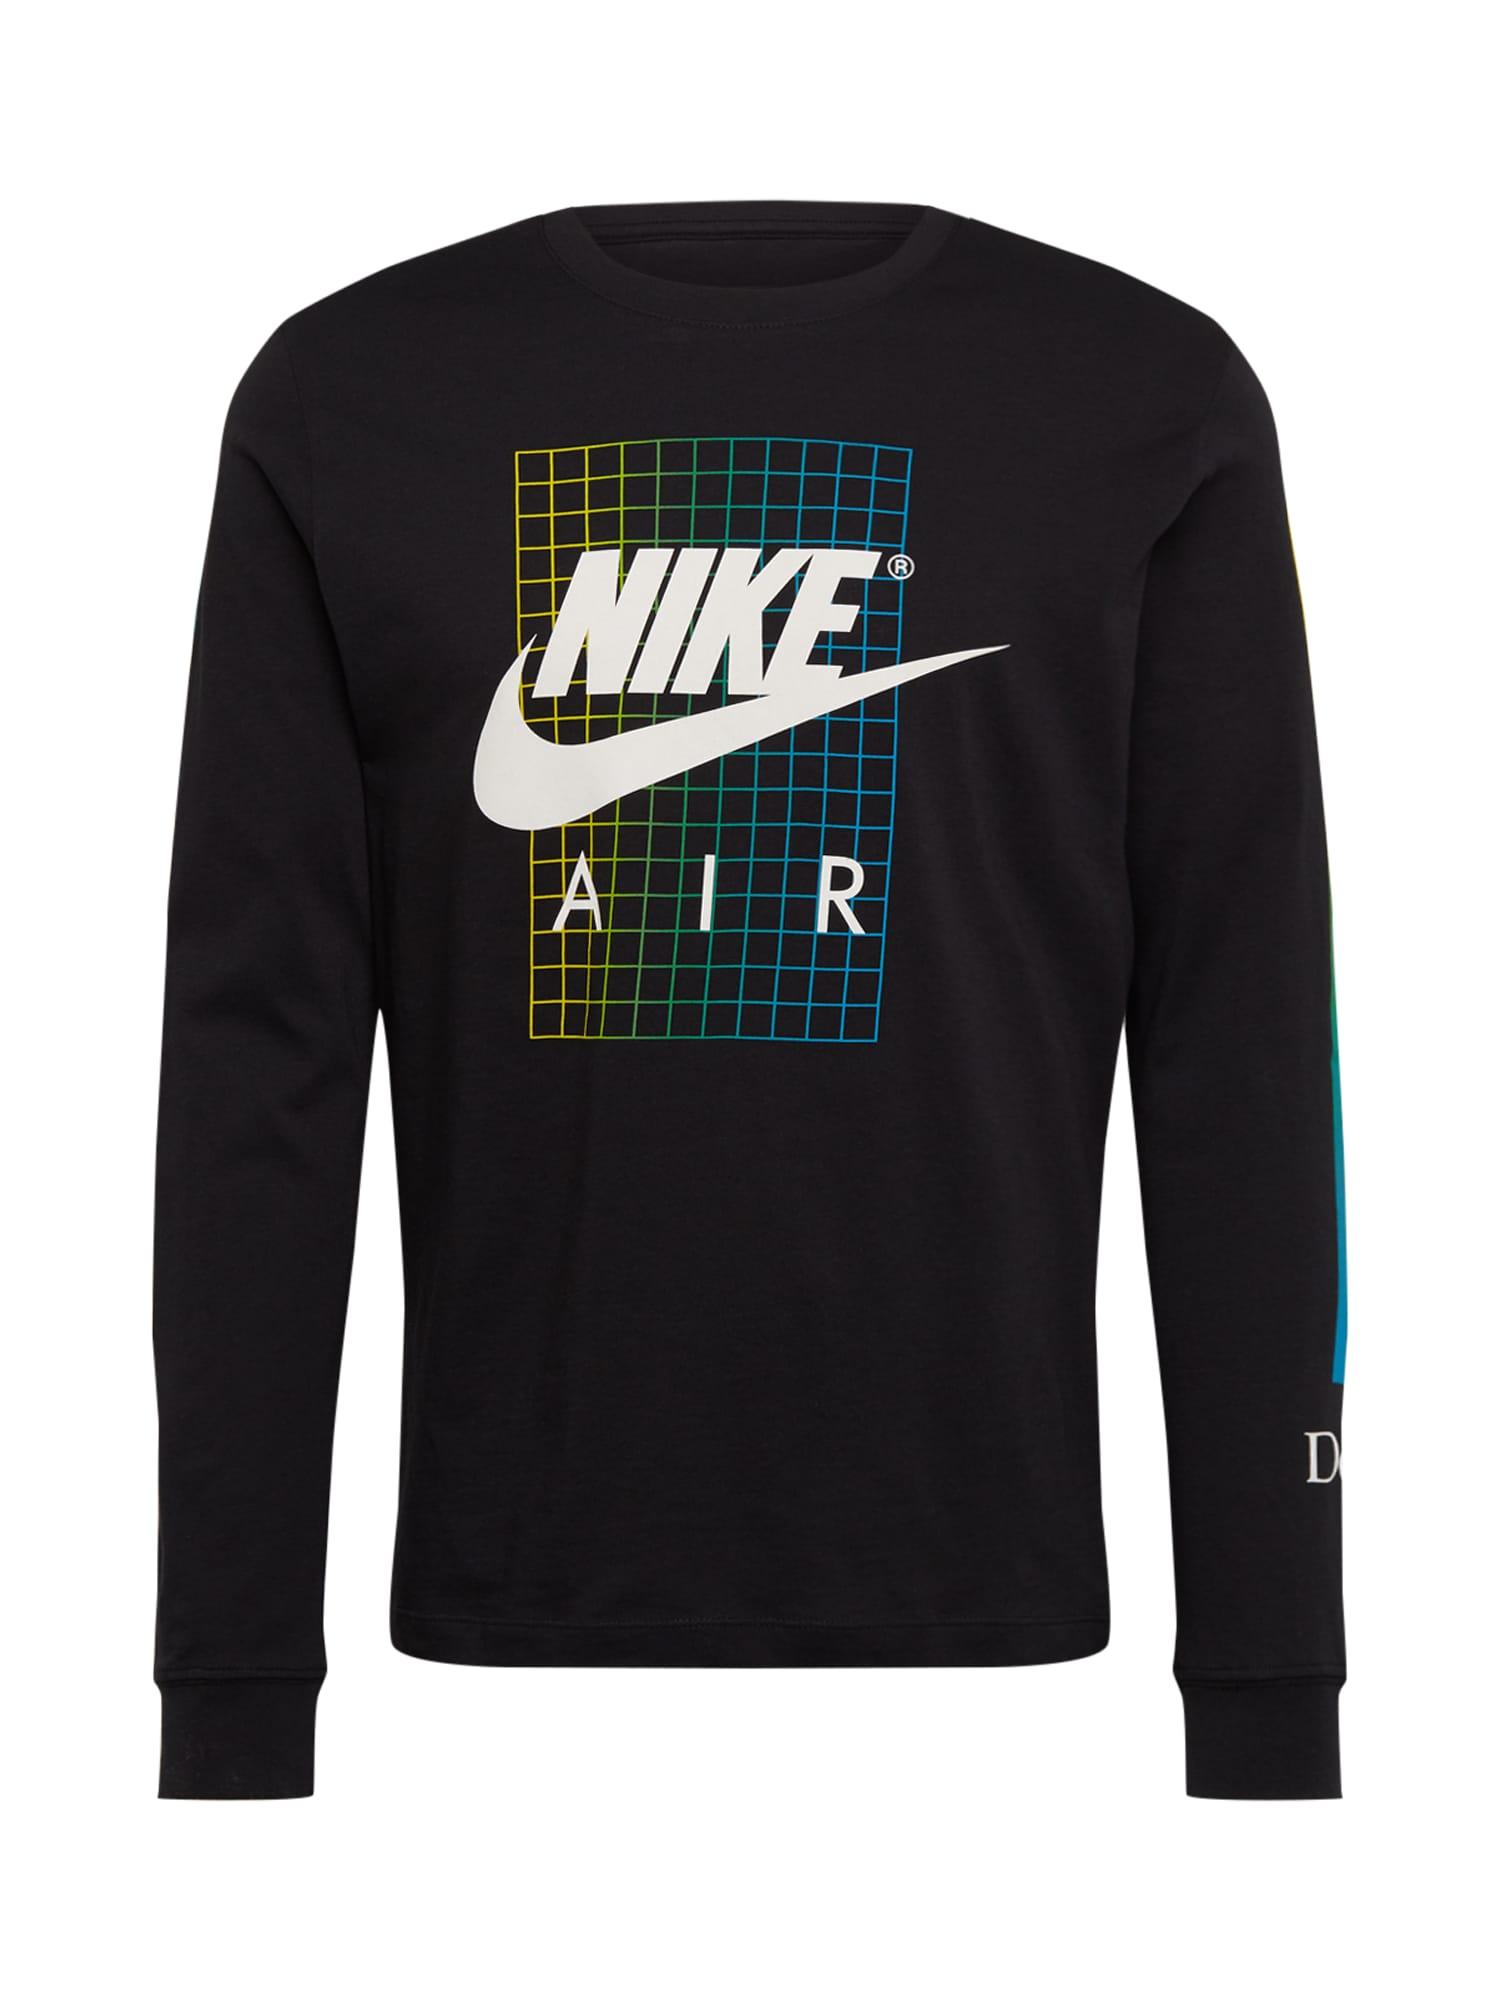 Nike Sportswear Marškinėliai mišrios spalvos / juoda / balta